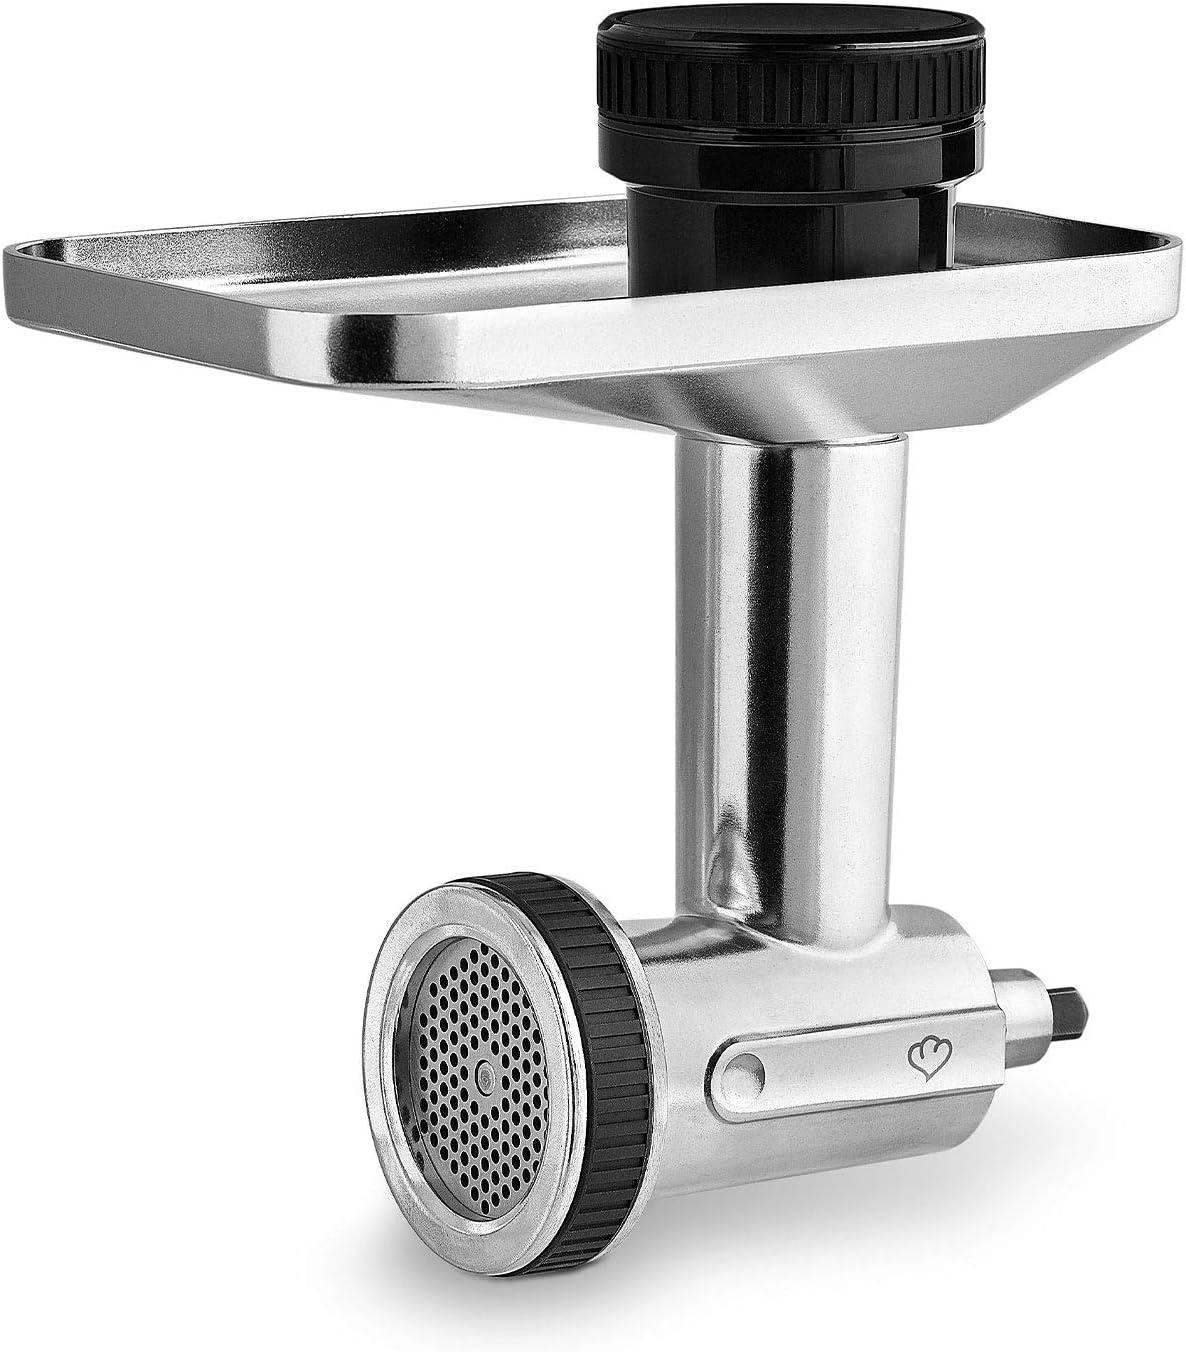 Picadora Eléctrica para el Robot de Cocina Karla – Máquina de Embutir Chorizos – Incluye Accesorios de Pastelería y Repostería para la Máquina de Hacer Galletas